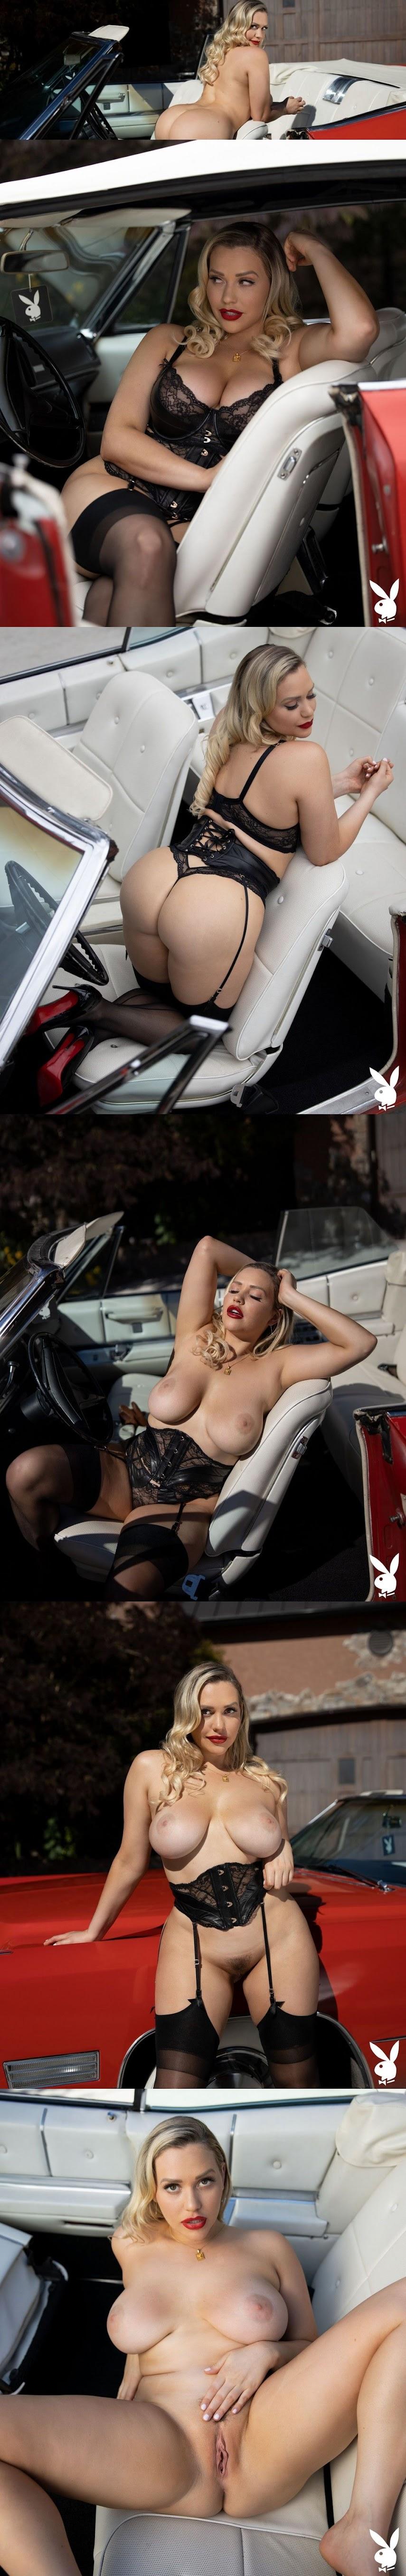 [Playboy Plus] Mia Malkova in Drive Me Wild